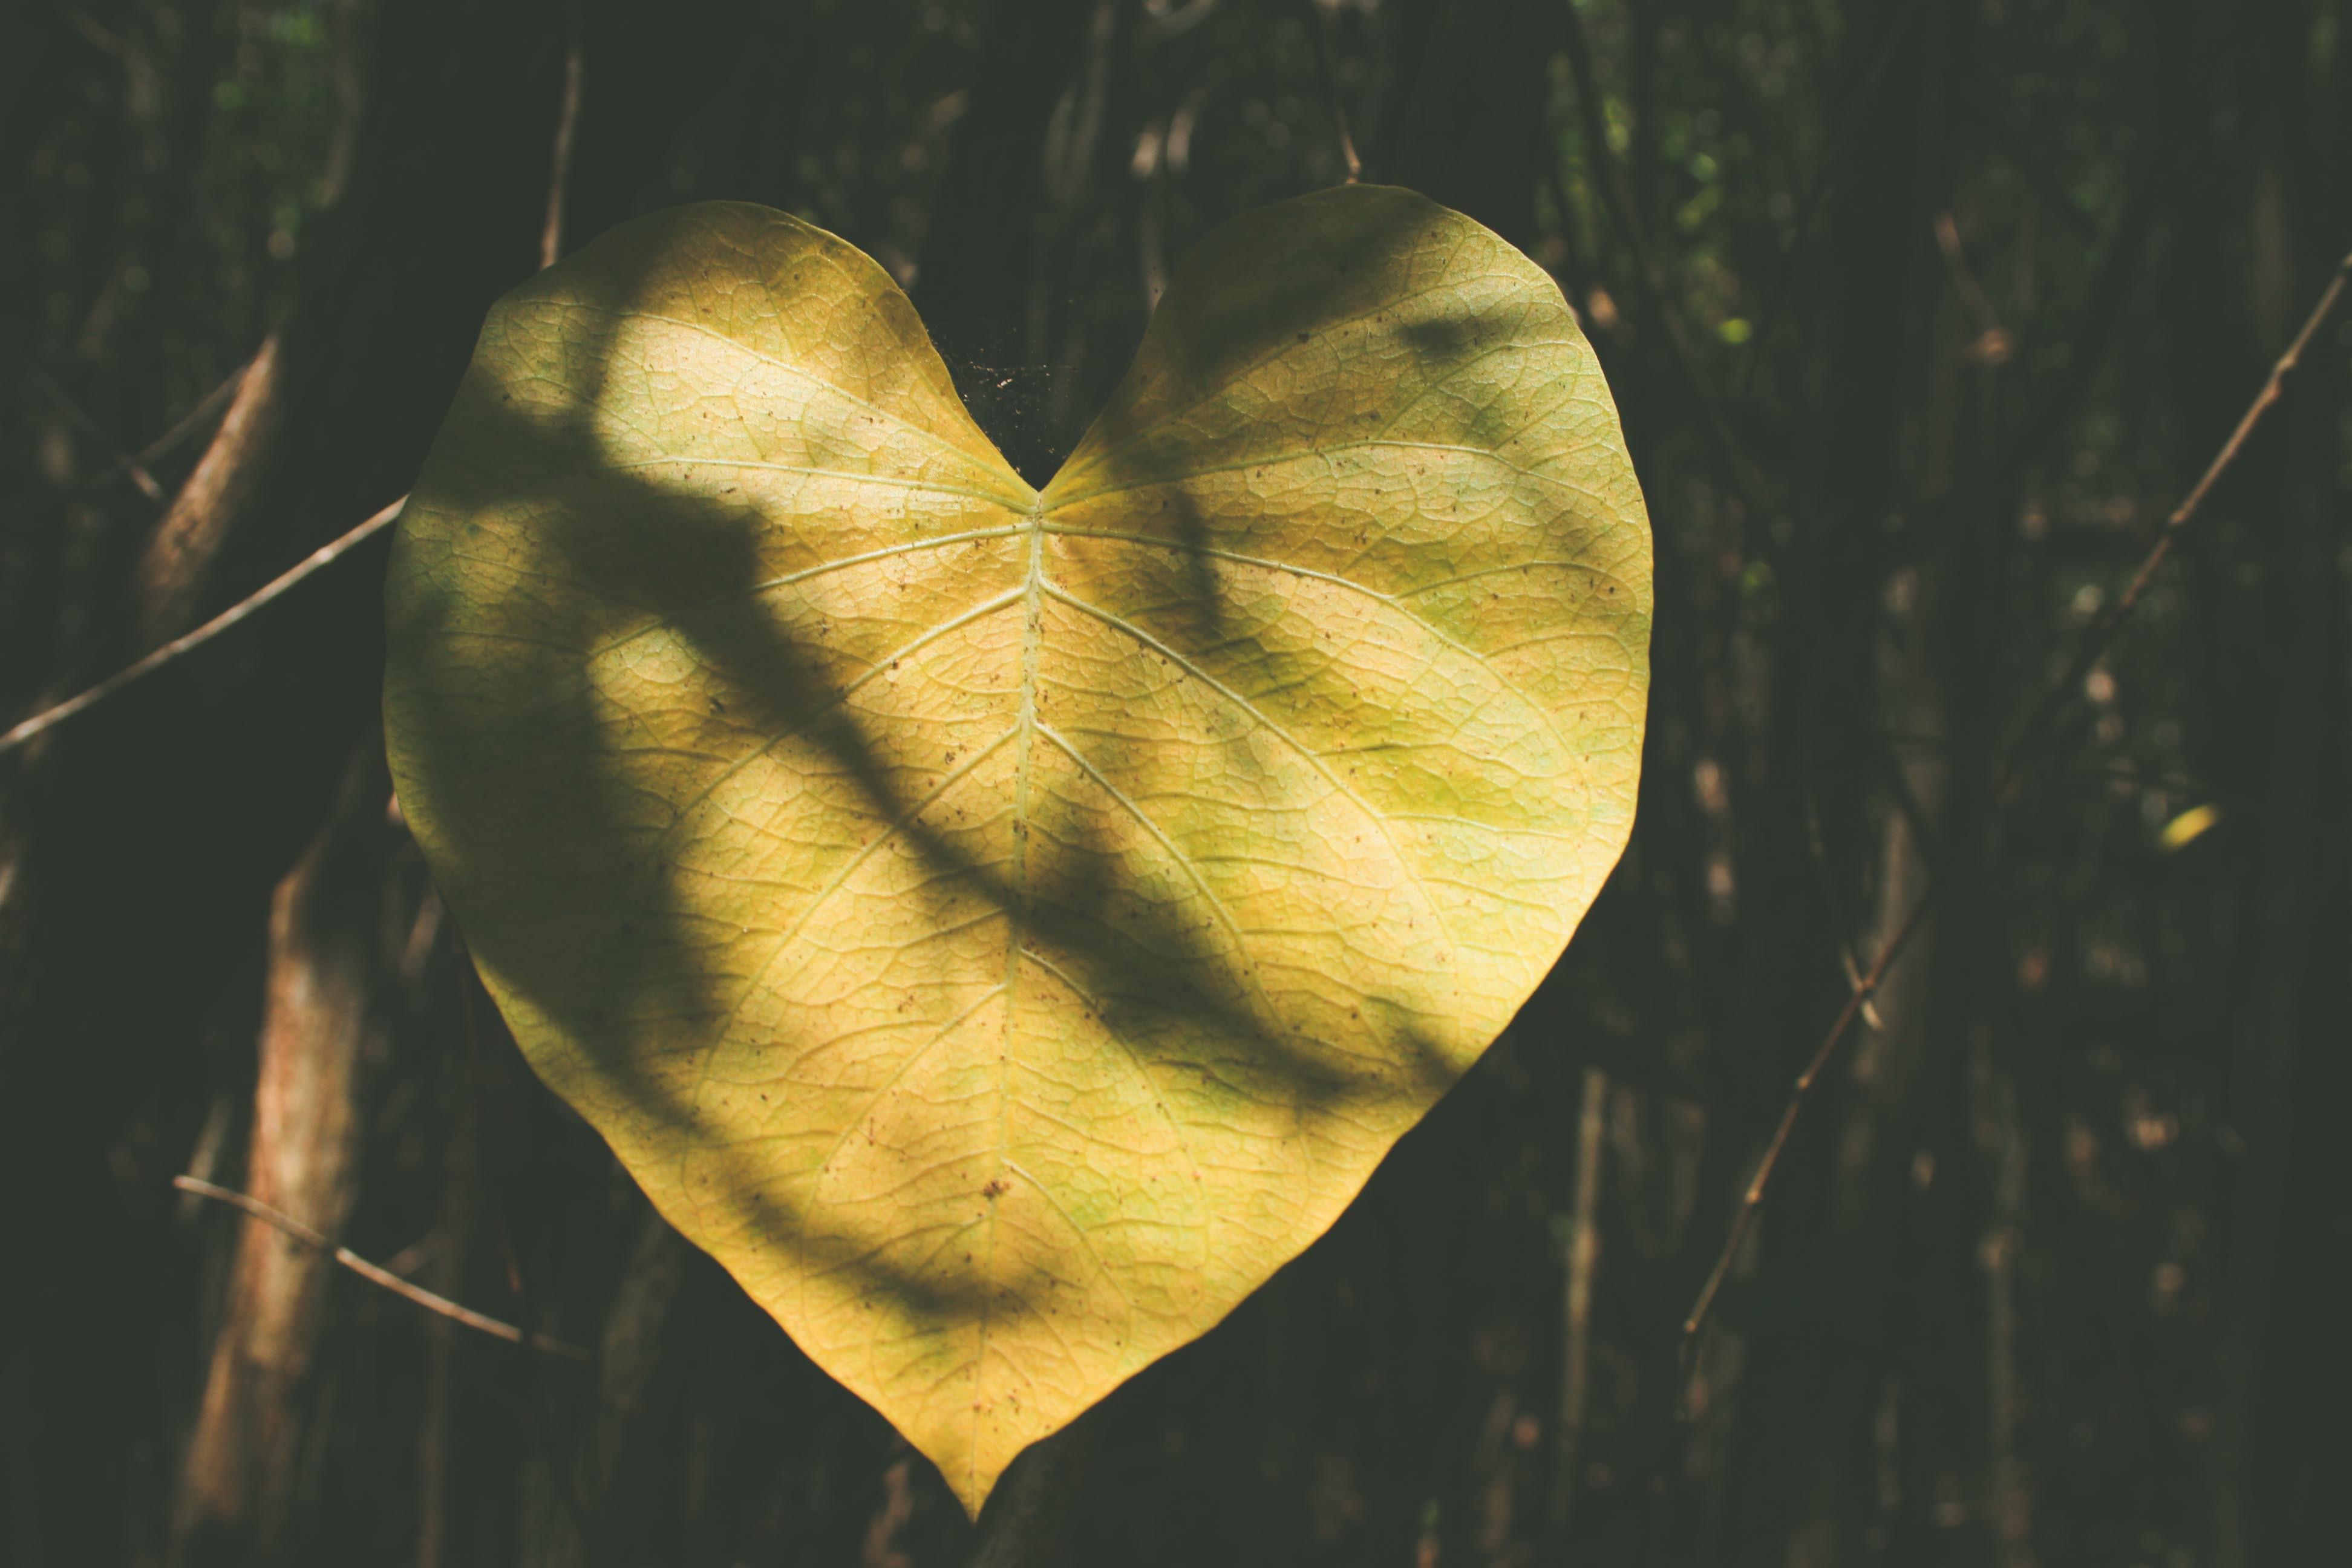 Leaf, heart, tree